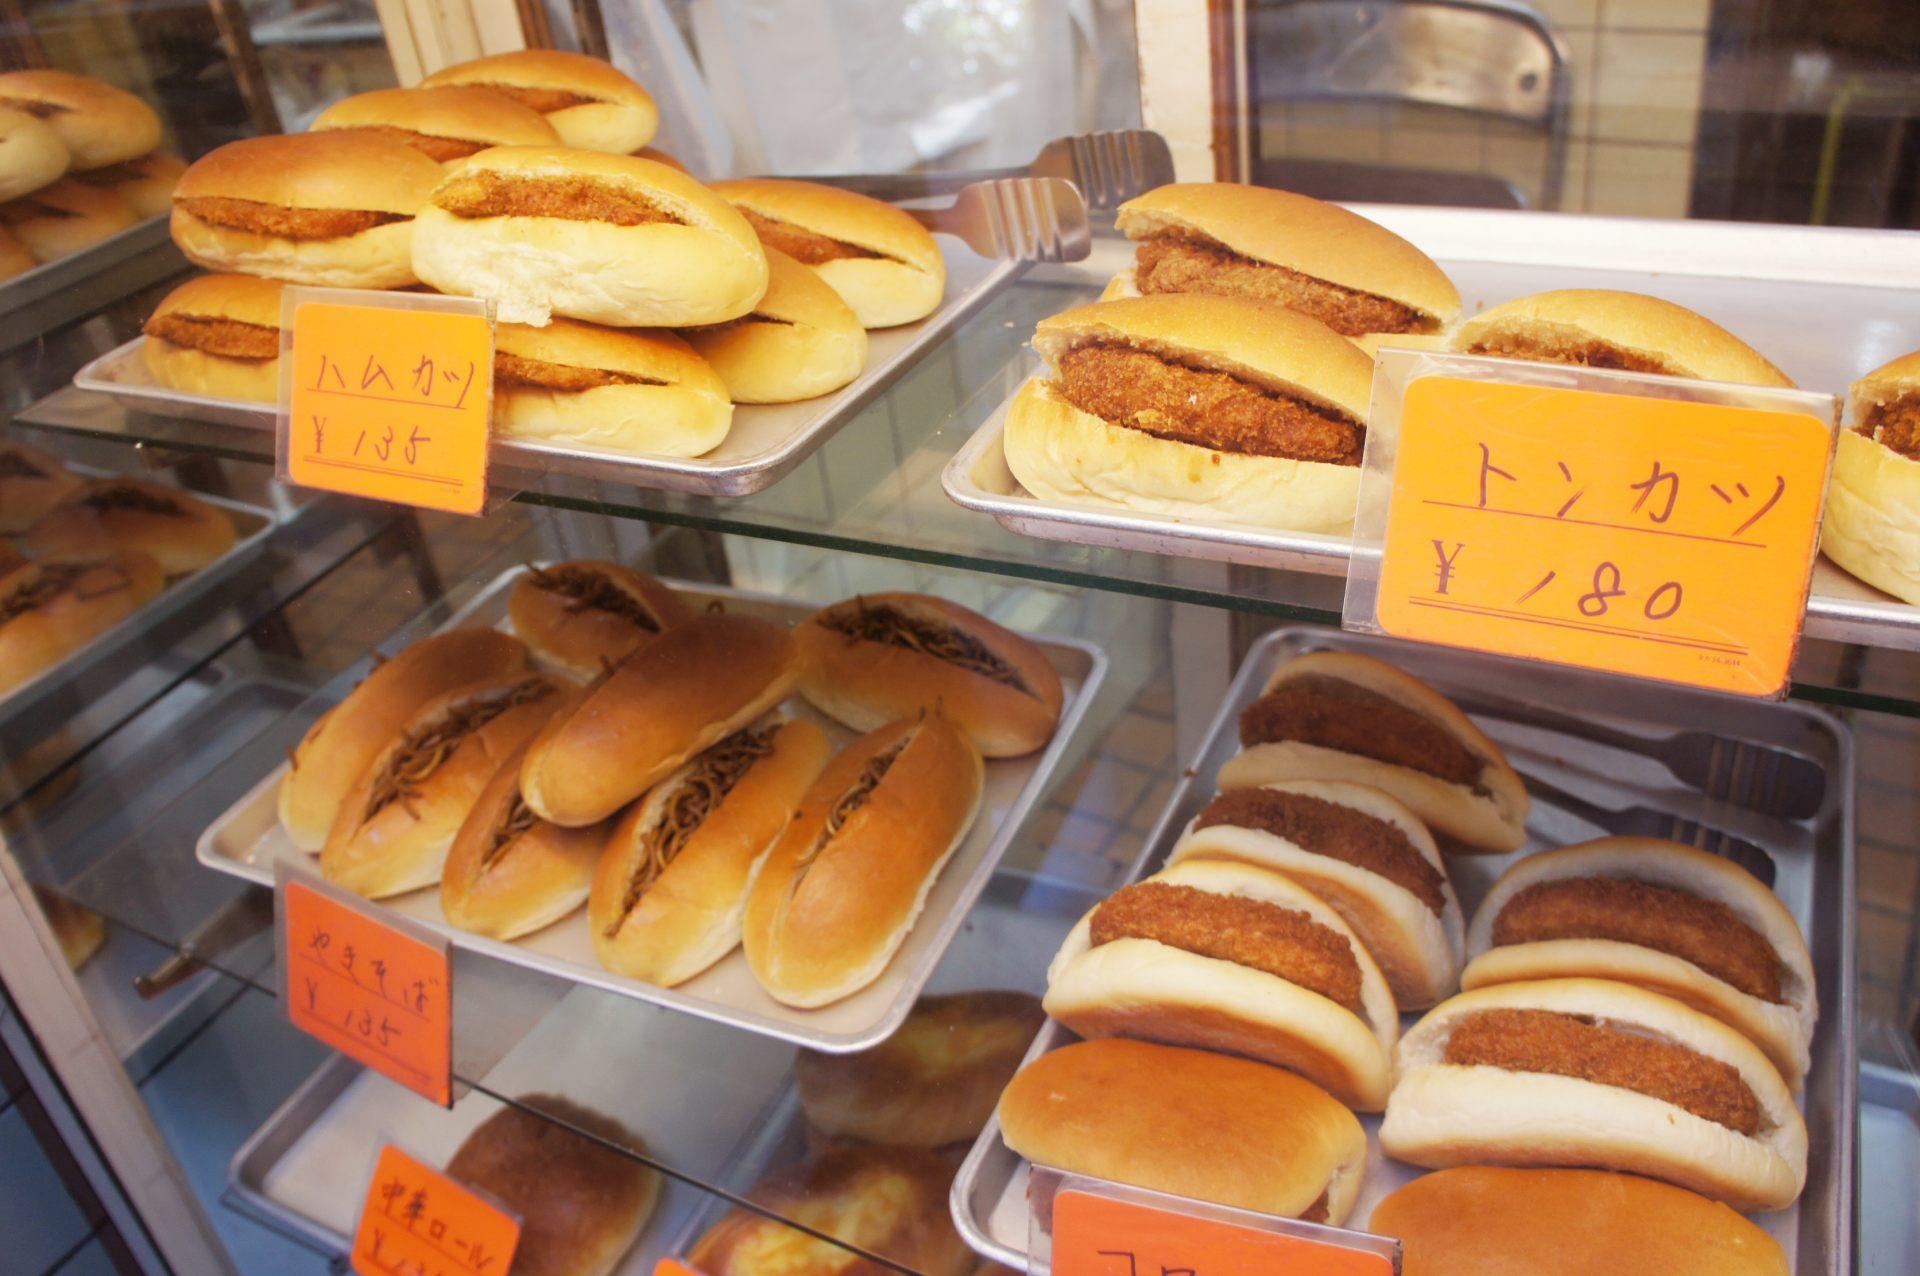 种类丰富的面包店